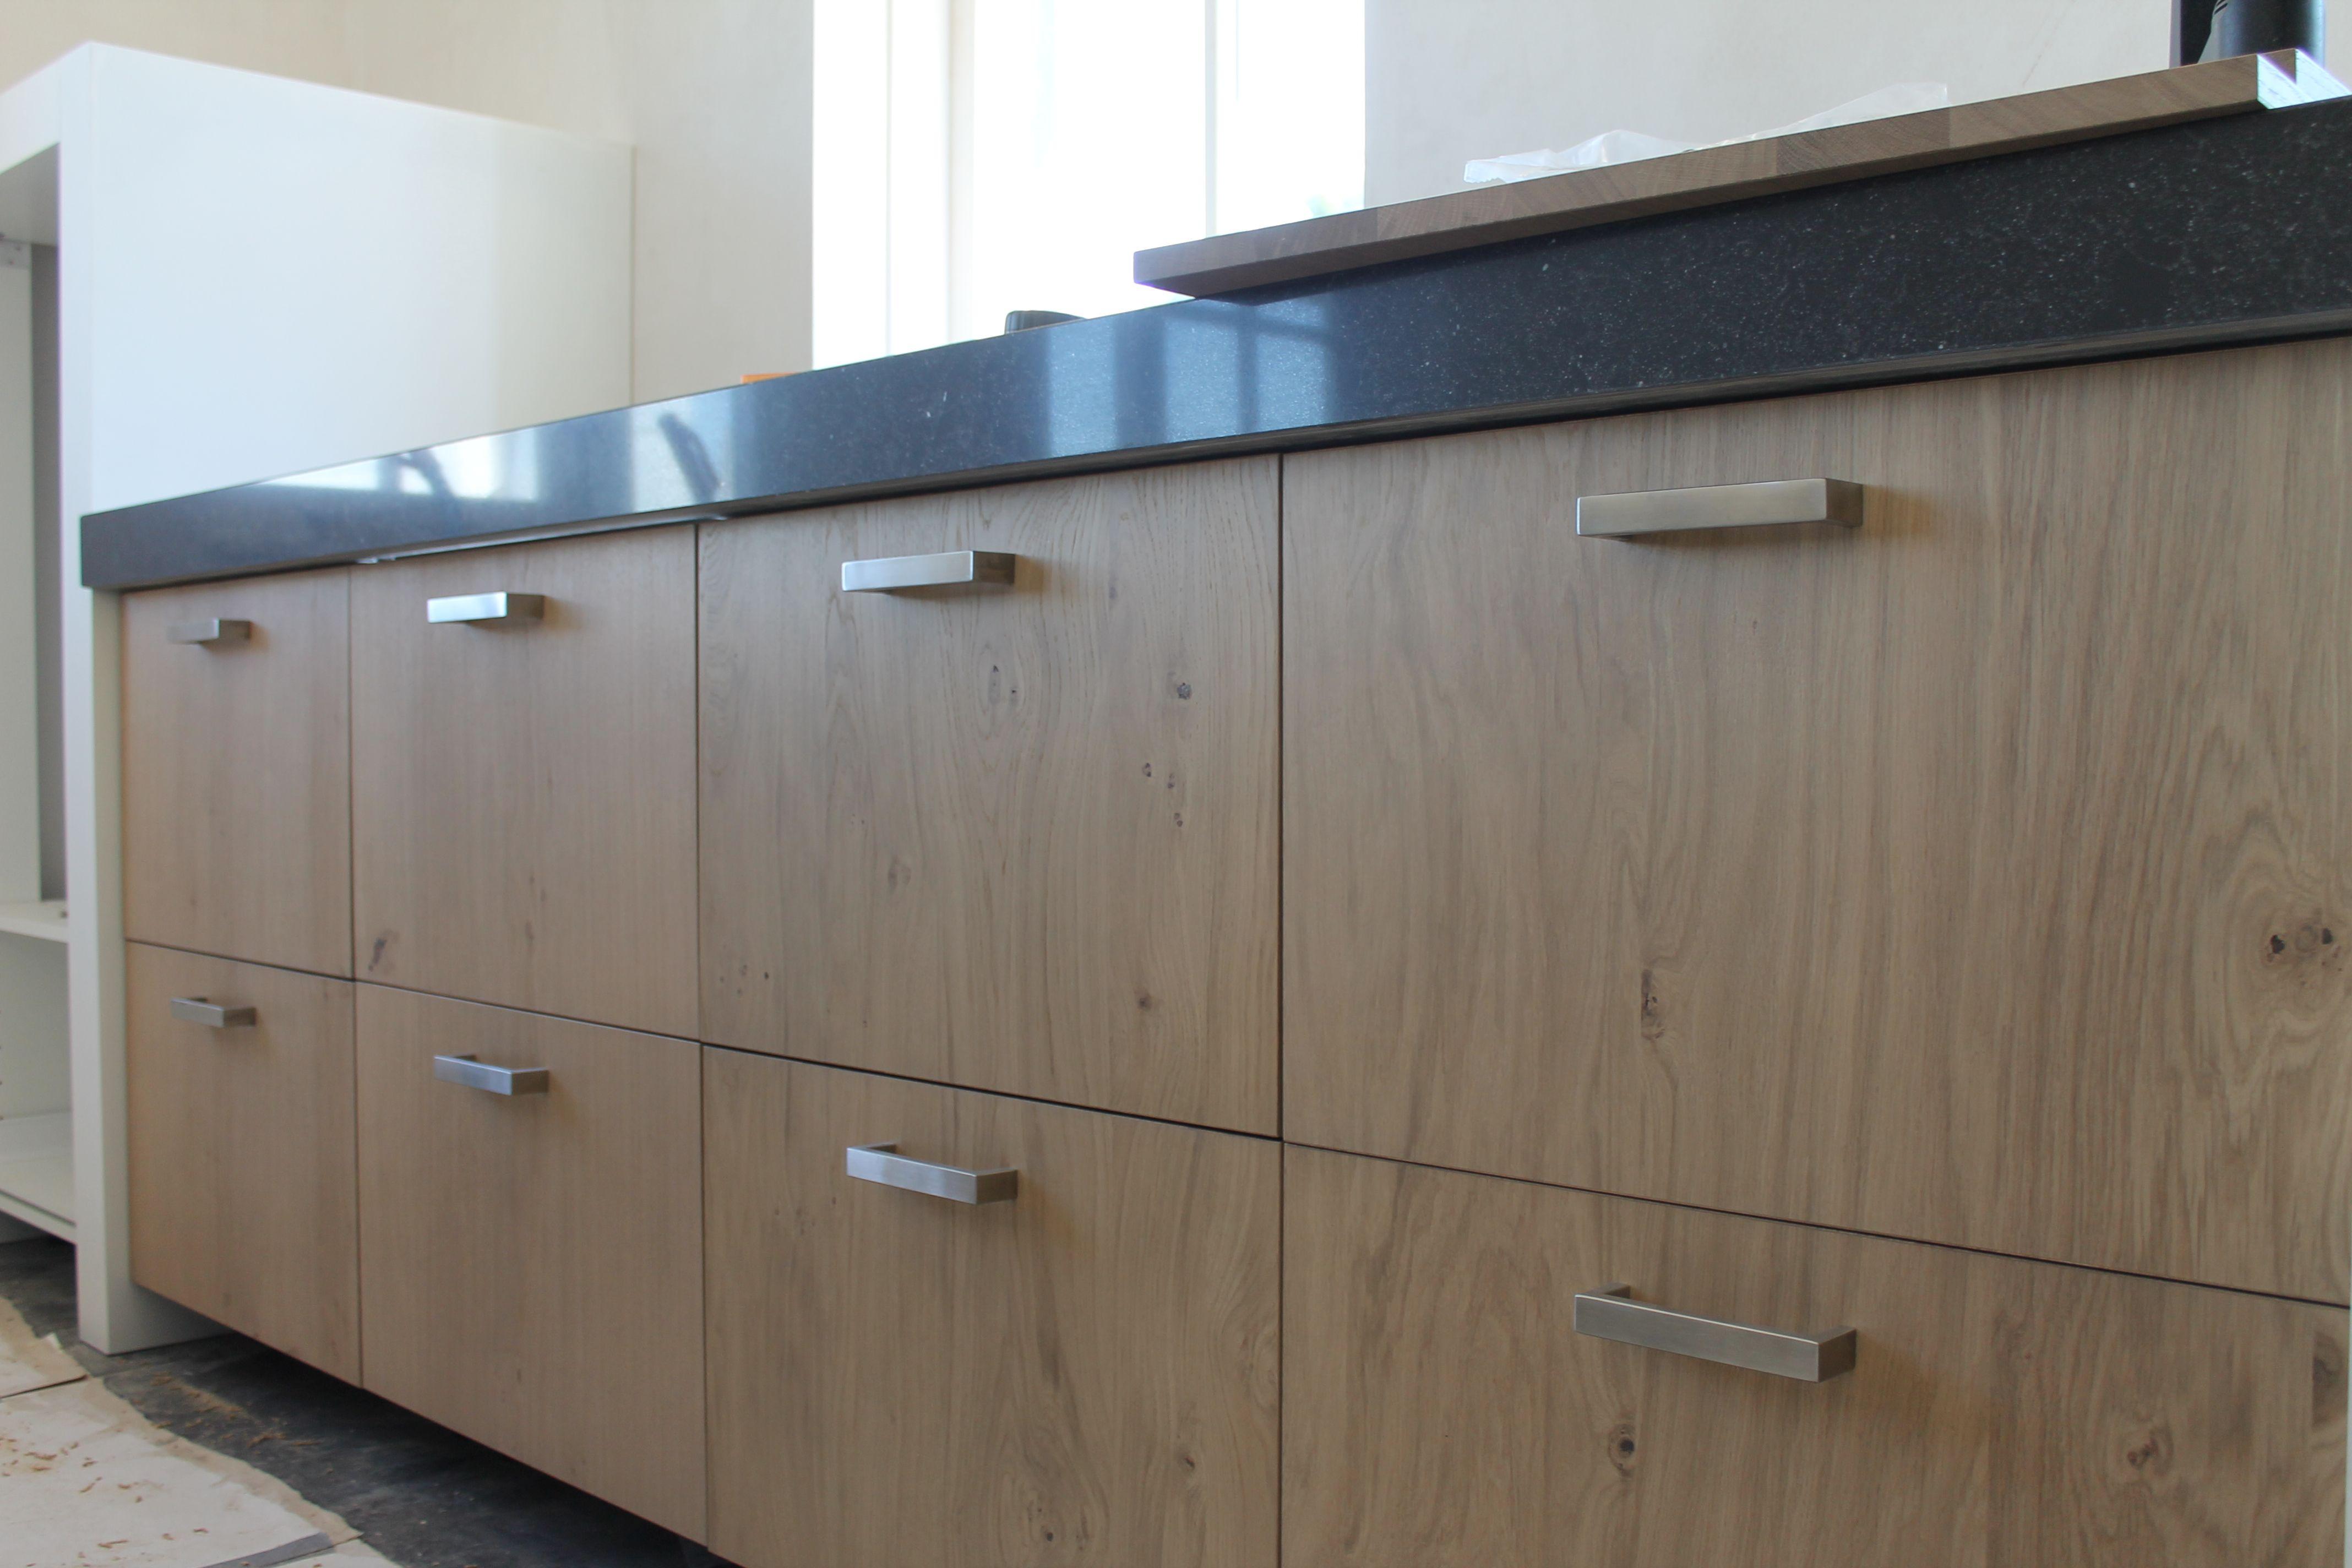 Küchenabdeckung Beton eiken keukens bij ons altijd met doorlopende houtstructuur bij laden